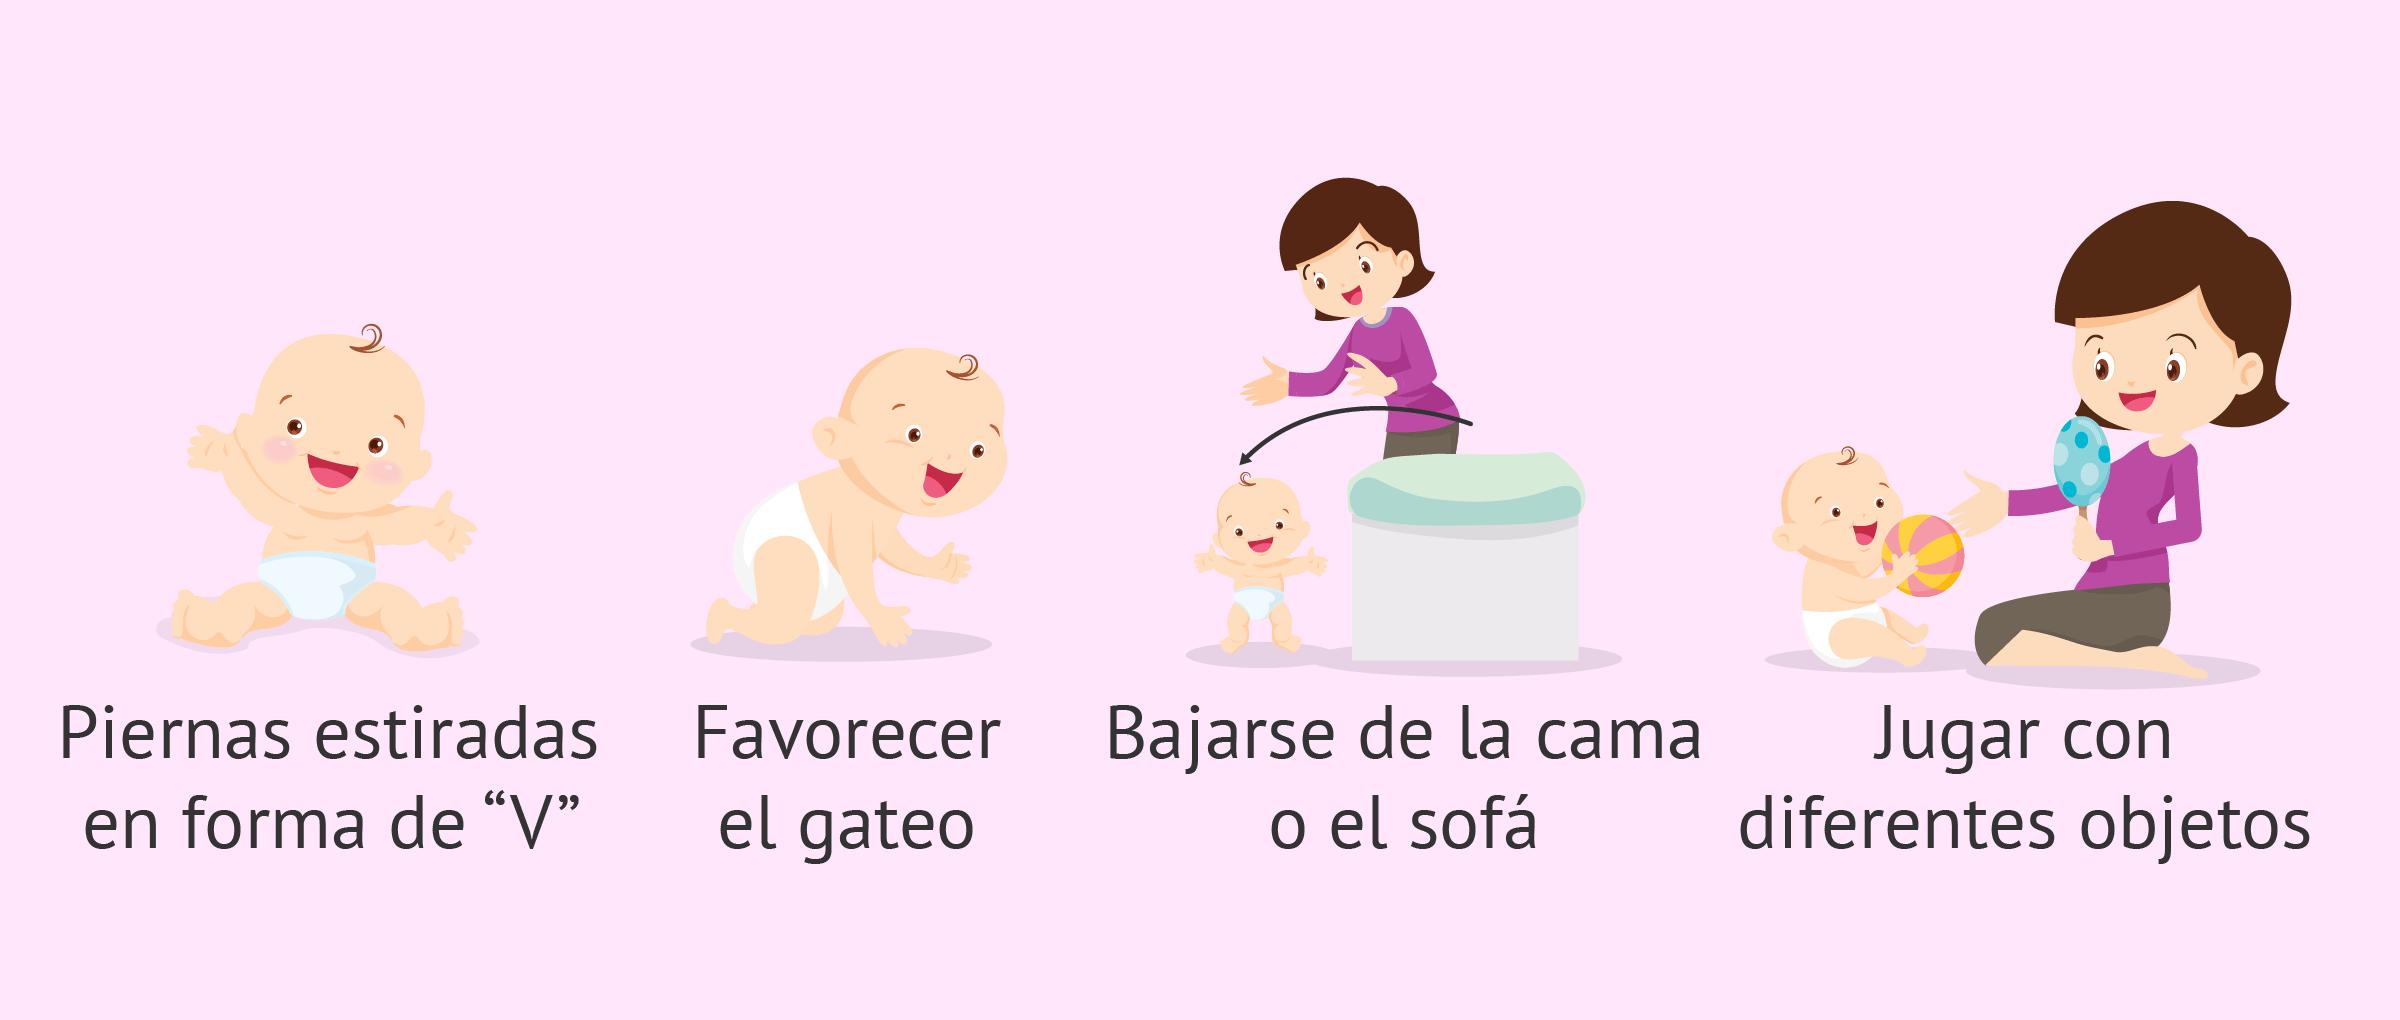 Ejercicios De Estimulación Temprana Para Bebés De 6 A 12 Meses